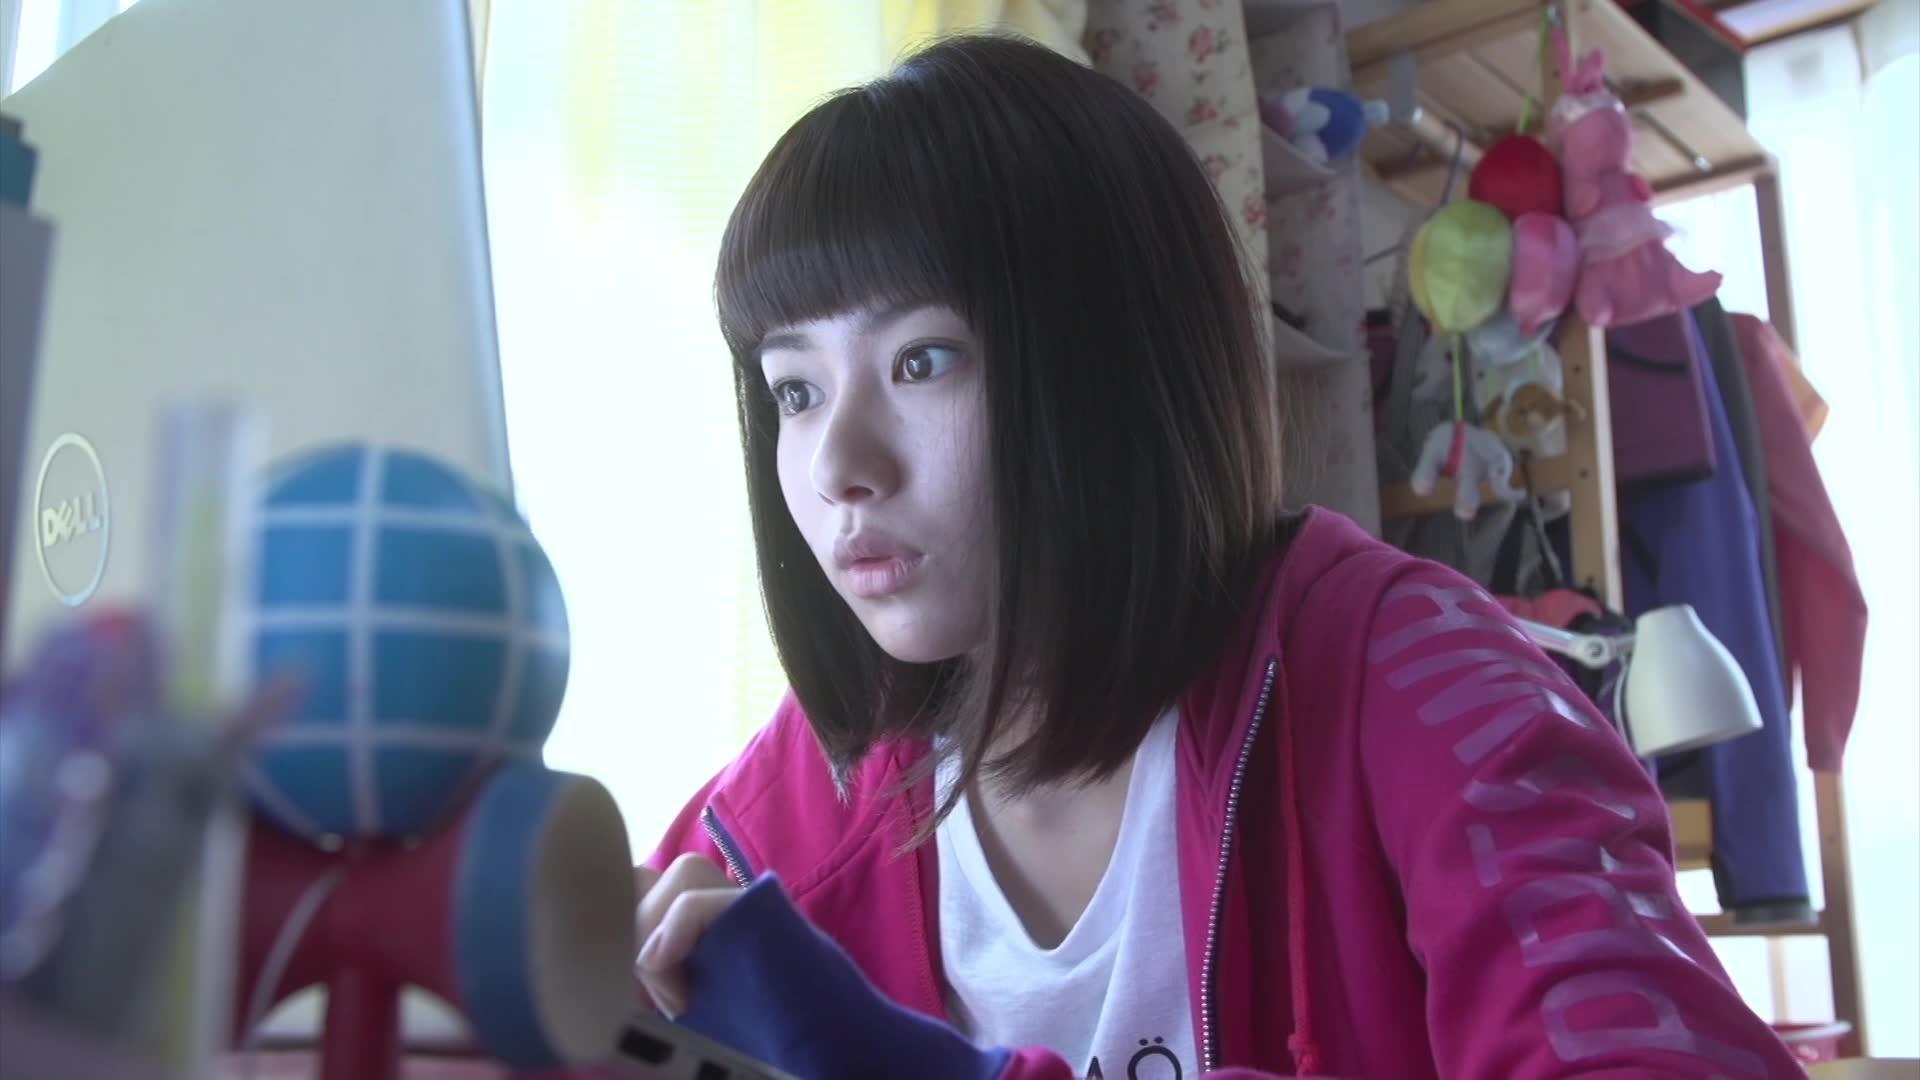 Minami-kun no Koibito - A Namorada do Minami-kun Episódio 1